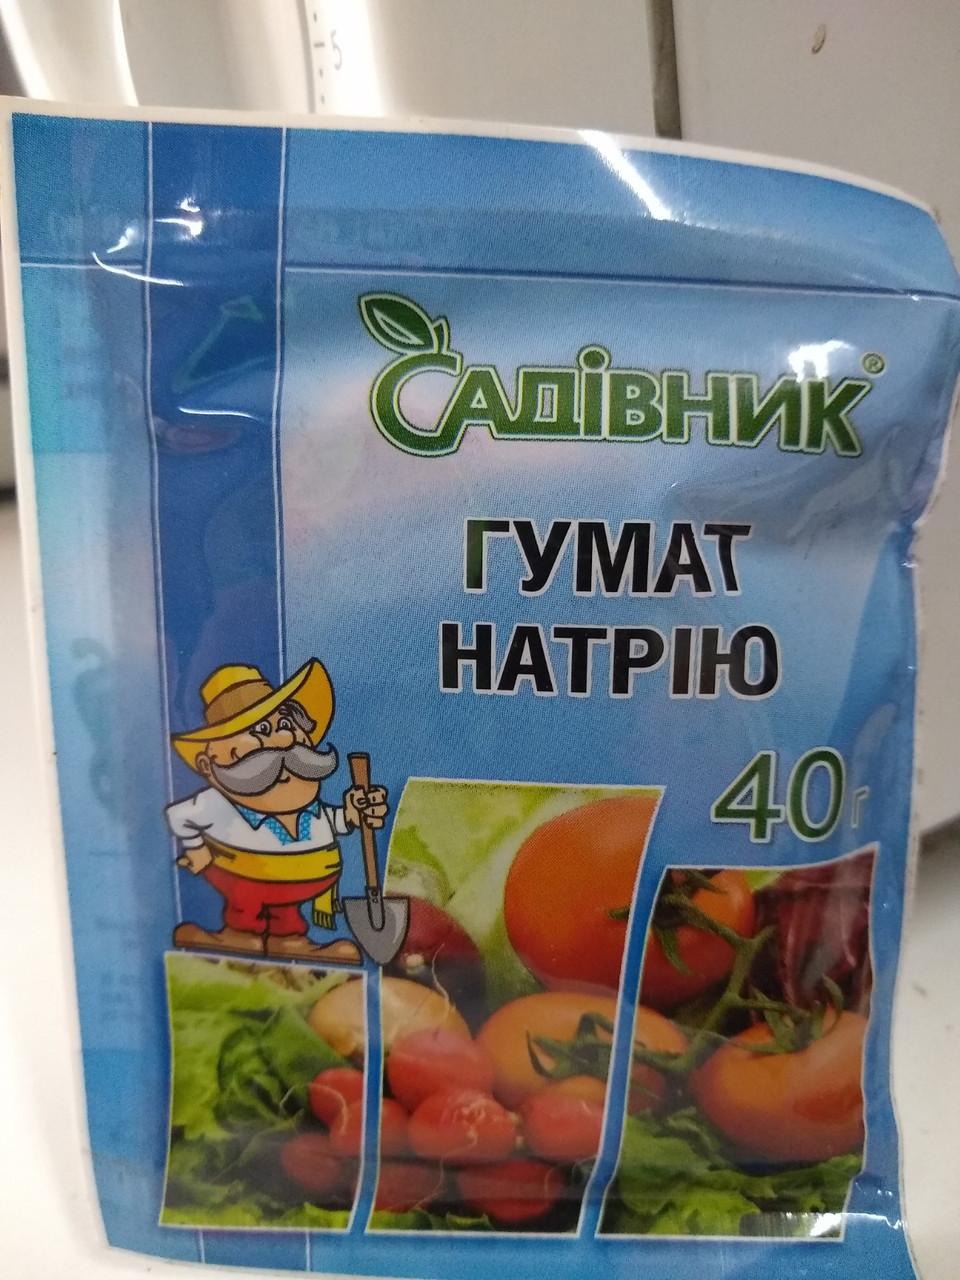 """Стимулятор росту і розвитку рослини Гумат натрію 40 грам, """"Садивнык"""", Україна"""